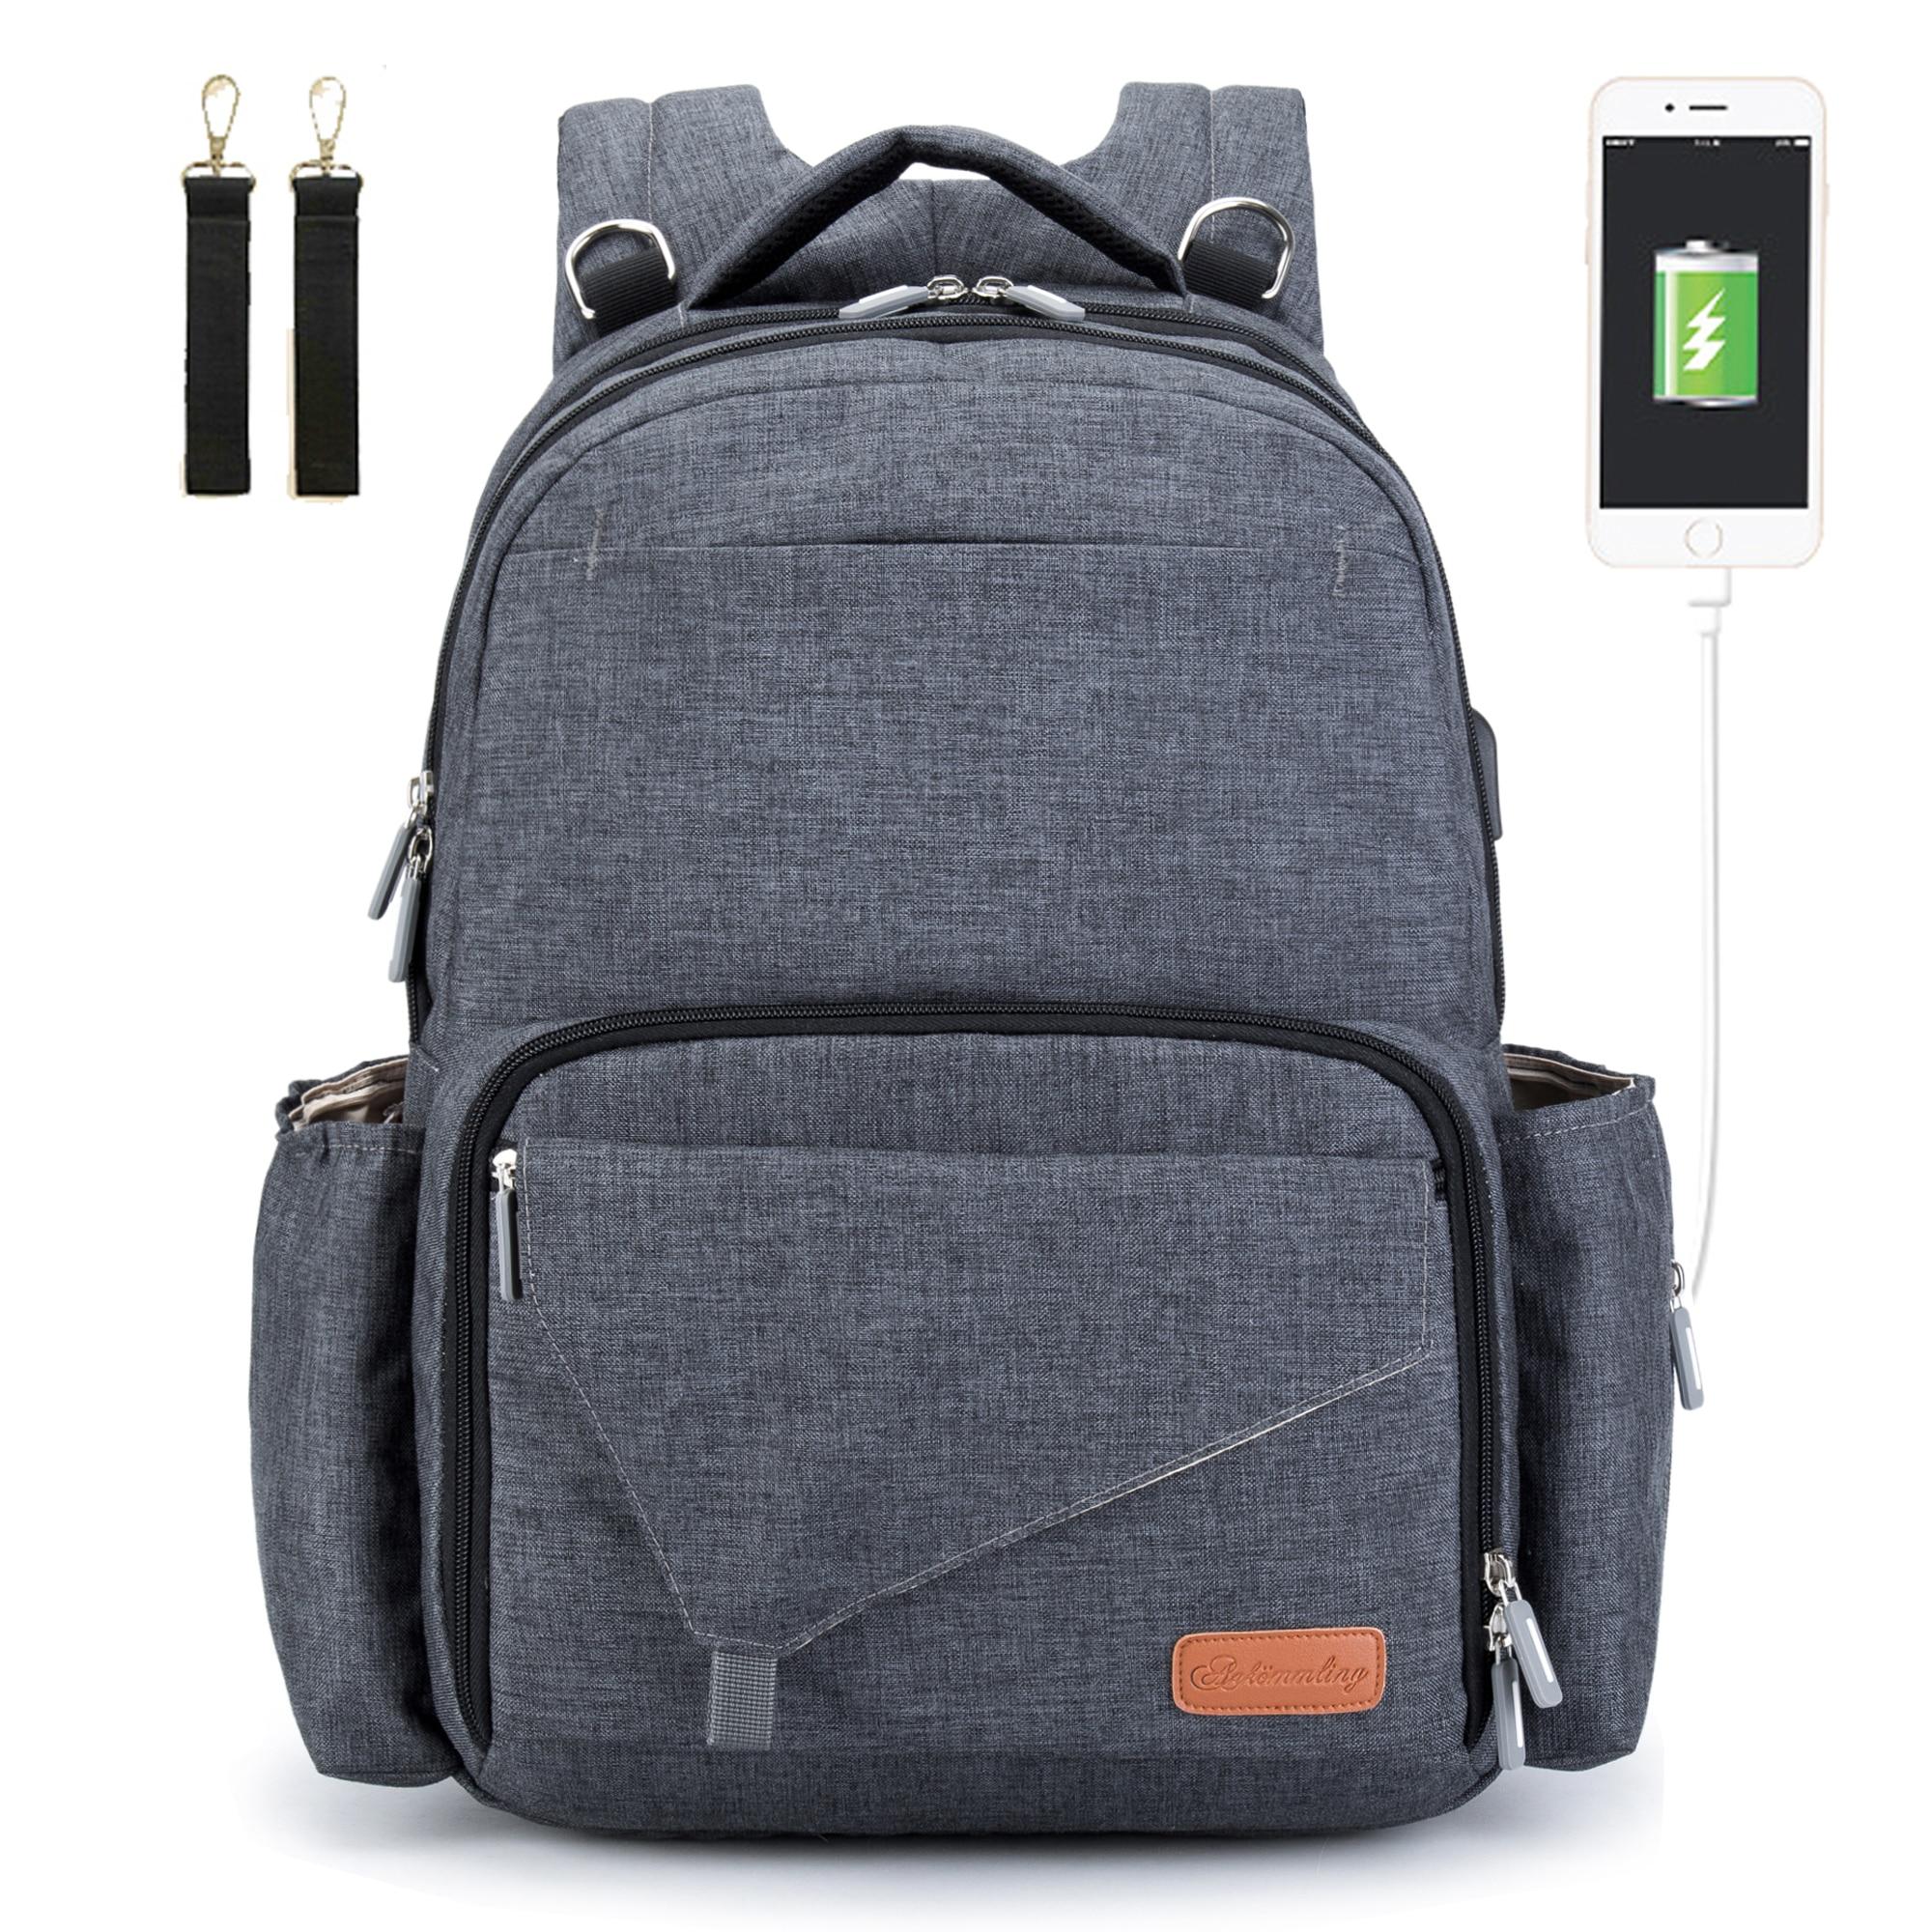 Grand sac à couches étanche pour mère bébé | Sac à dos avec changement USB, sacs à couches de maternité pour maman maman maman, organisateur de poussette, nouvelle collection